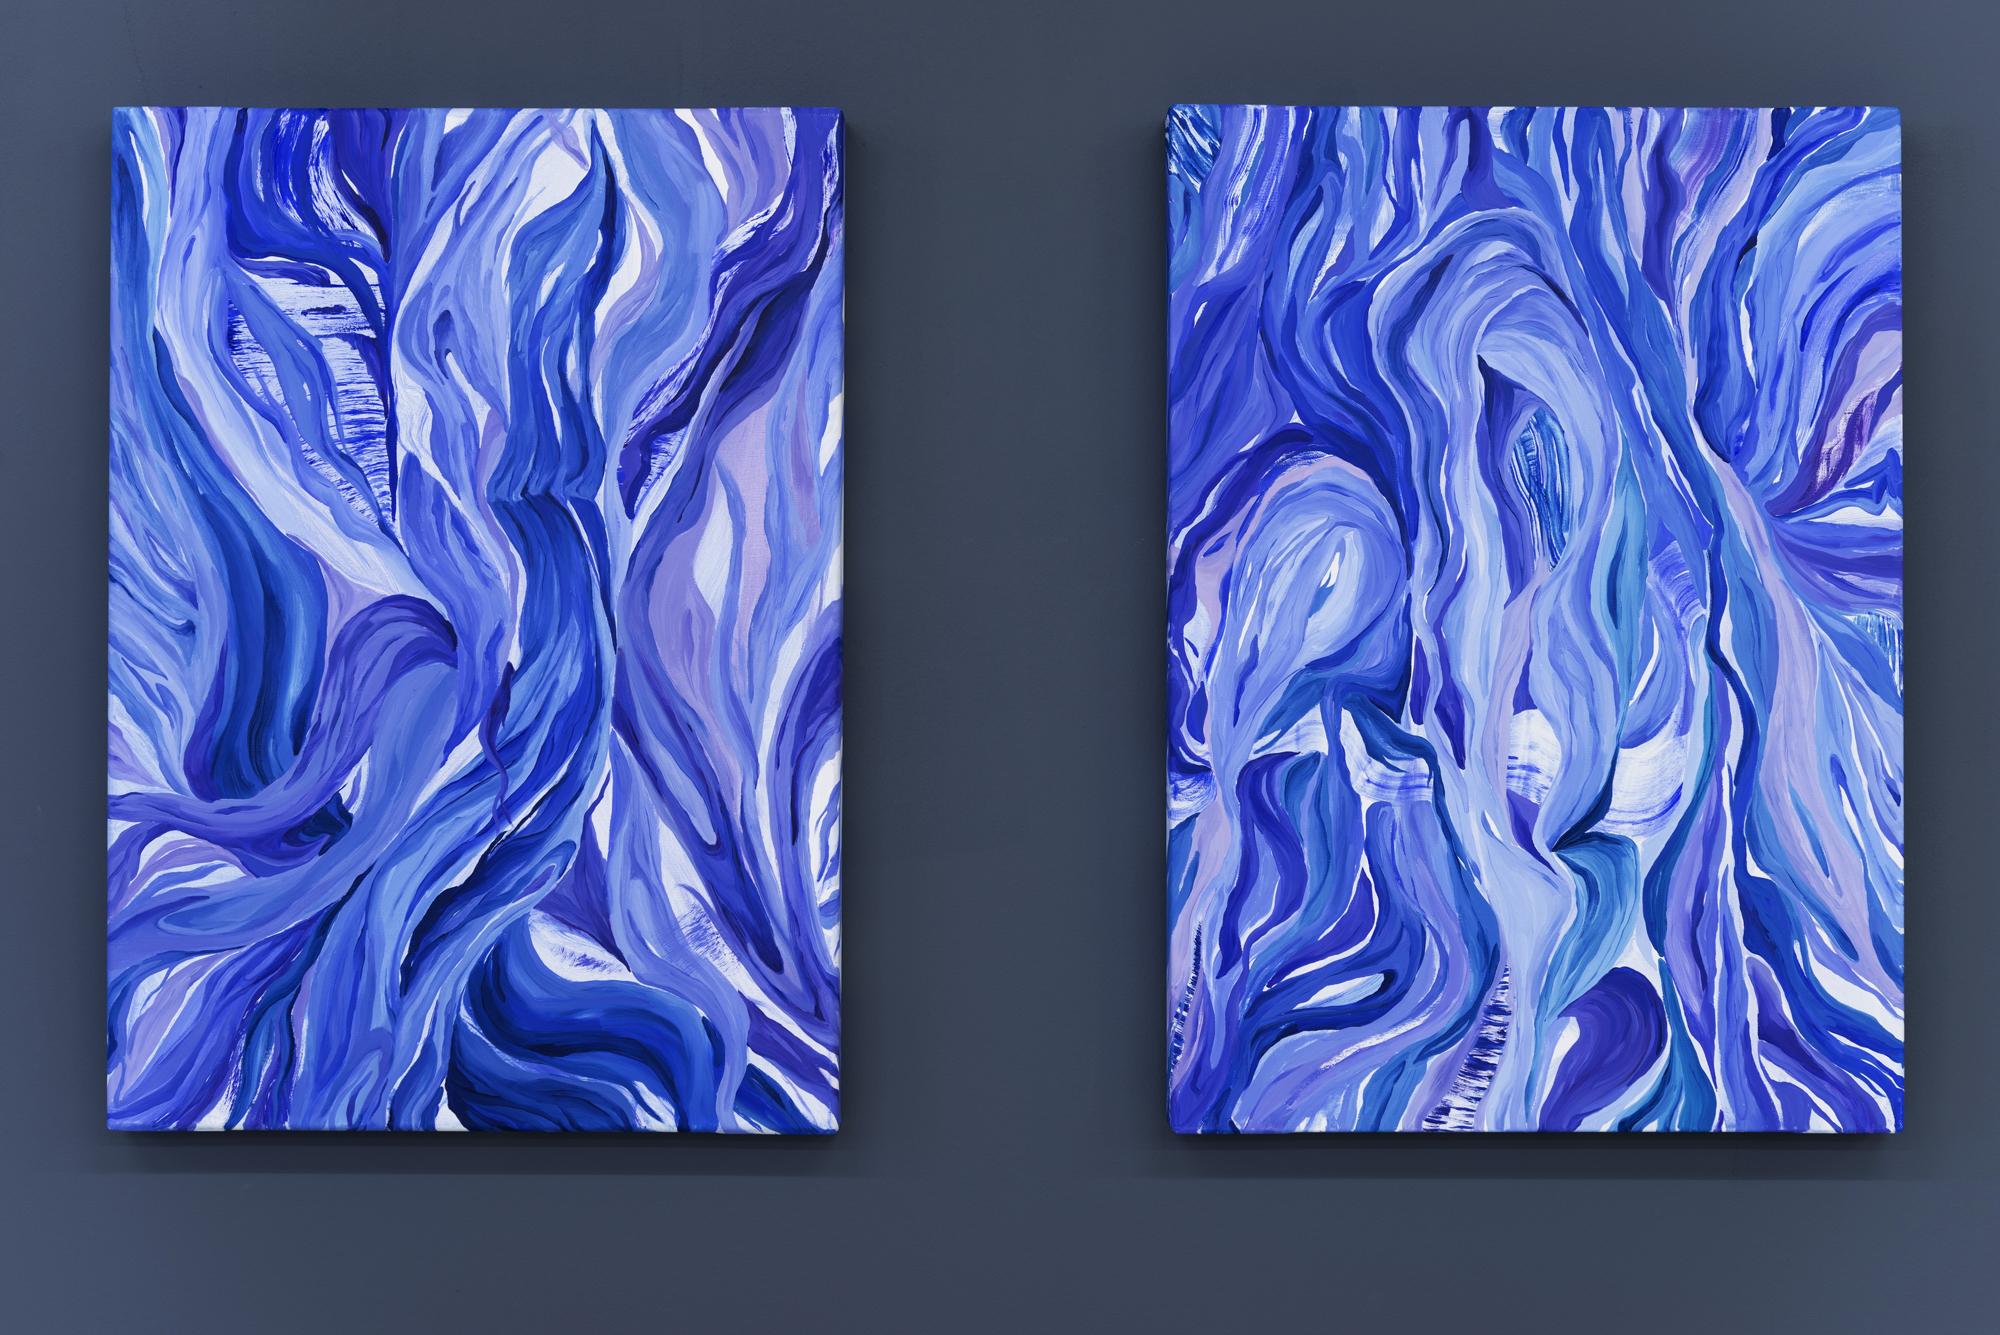 oil on canvas, w50xh70cm x2. 2018